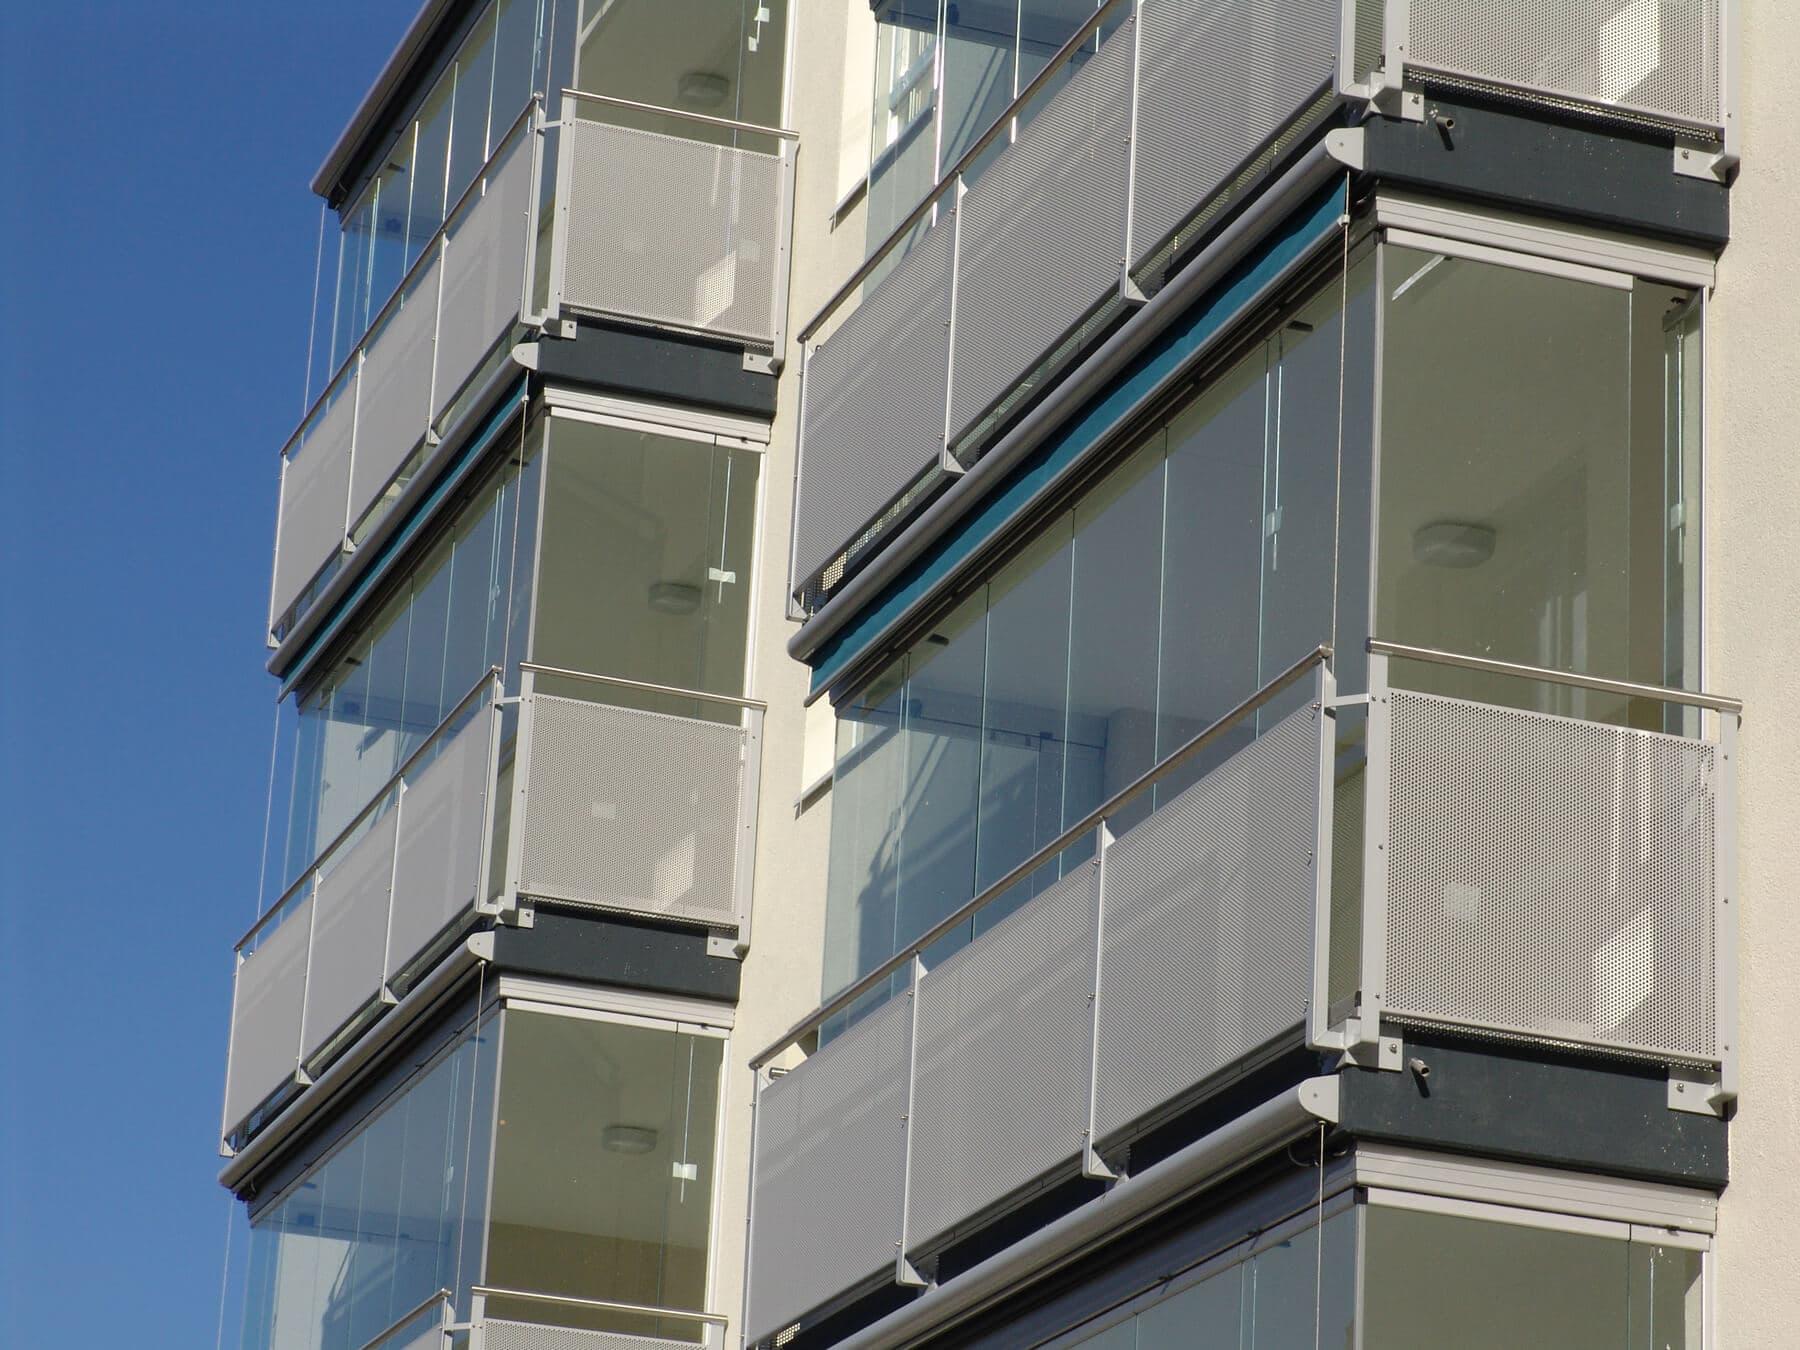 Full Size of Rahmenlose Fenster Schiebefenster Als Balkonverglasung Sonnenschutz Für Sichtschutzfolien Bodentiefe Klebefolie Zwangsbelüftung Nachrüsten Schüco Alu Fenster Rahmenlose Fenster